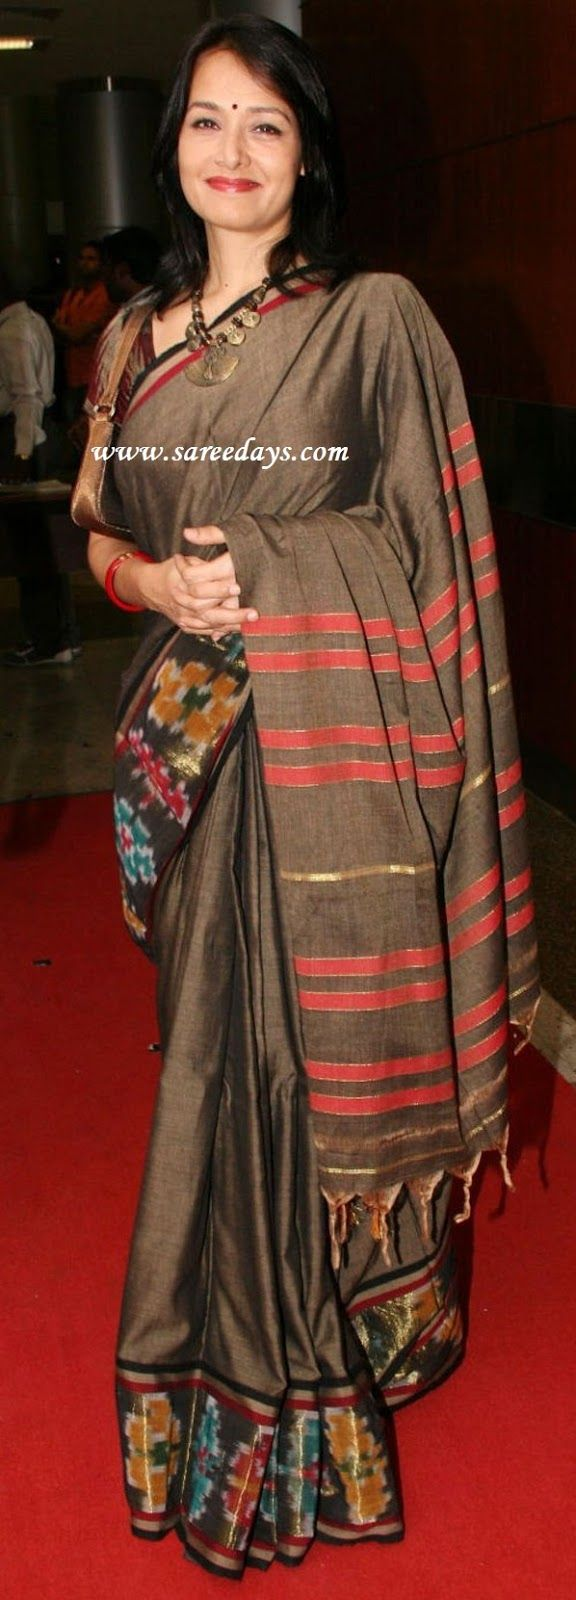 Amala in traditional silk sari